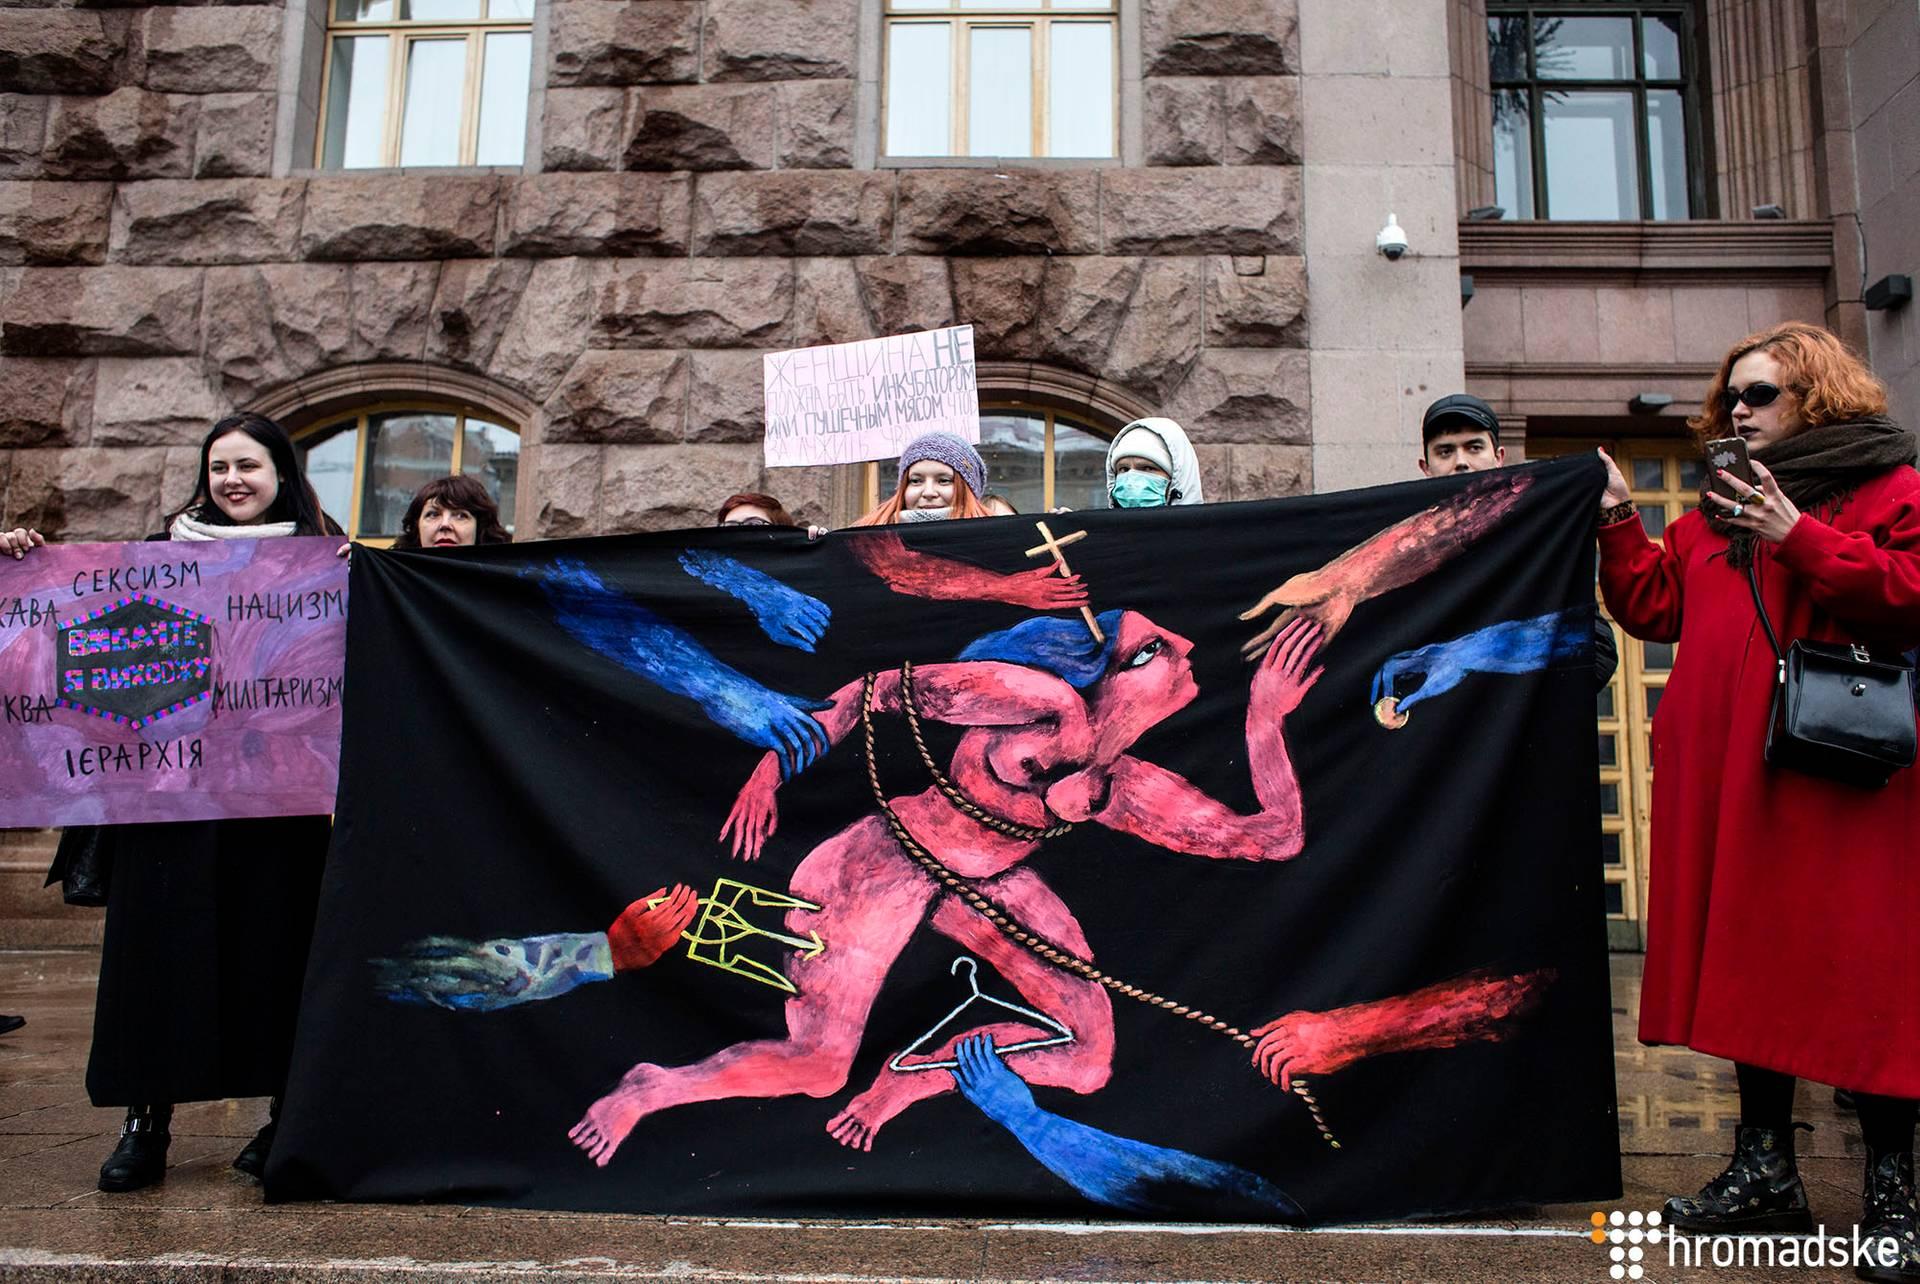 Плакат художниці Дани Рваної на «Марші жінок» у Києві, 8 березня 2018 року. Авторка плакату на фото праворуч